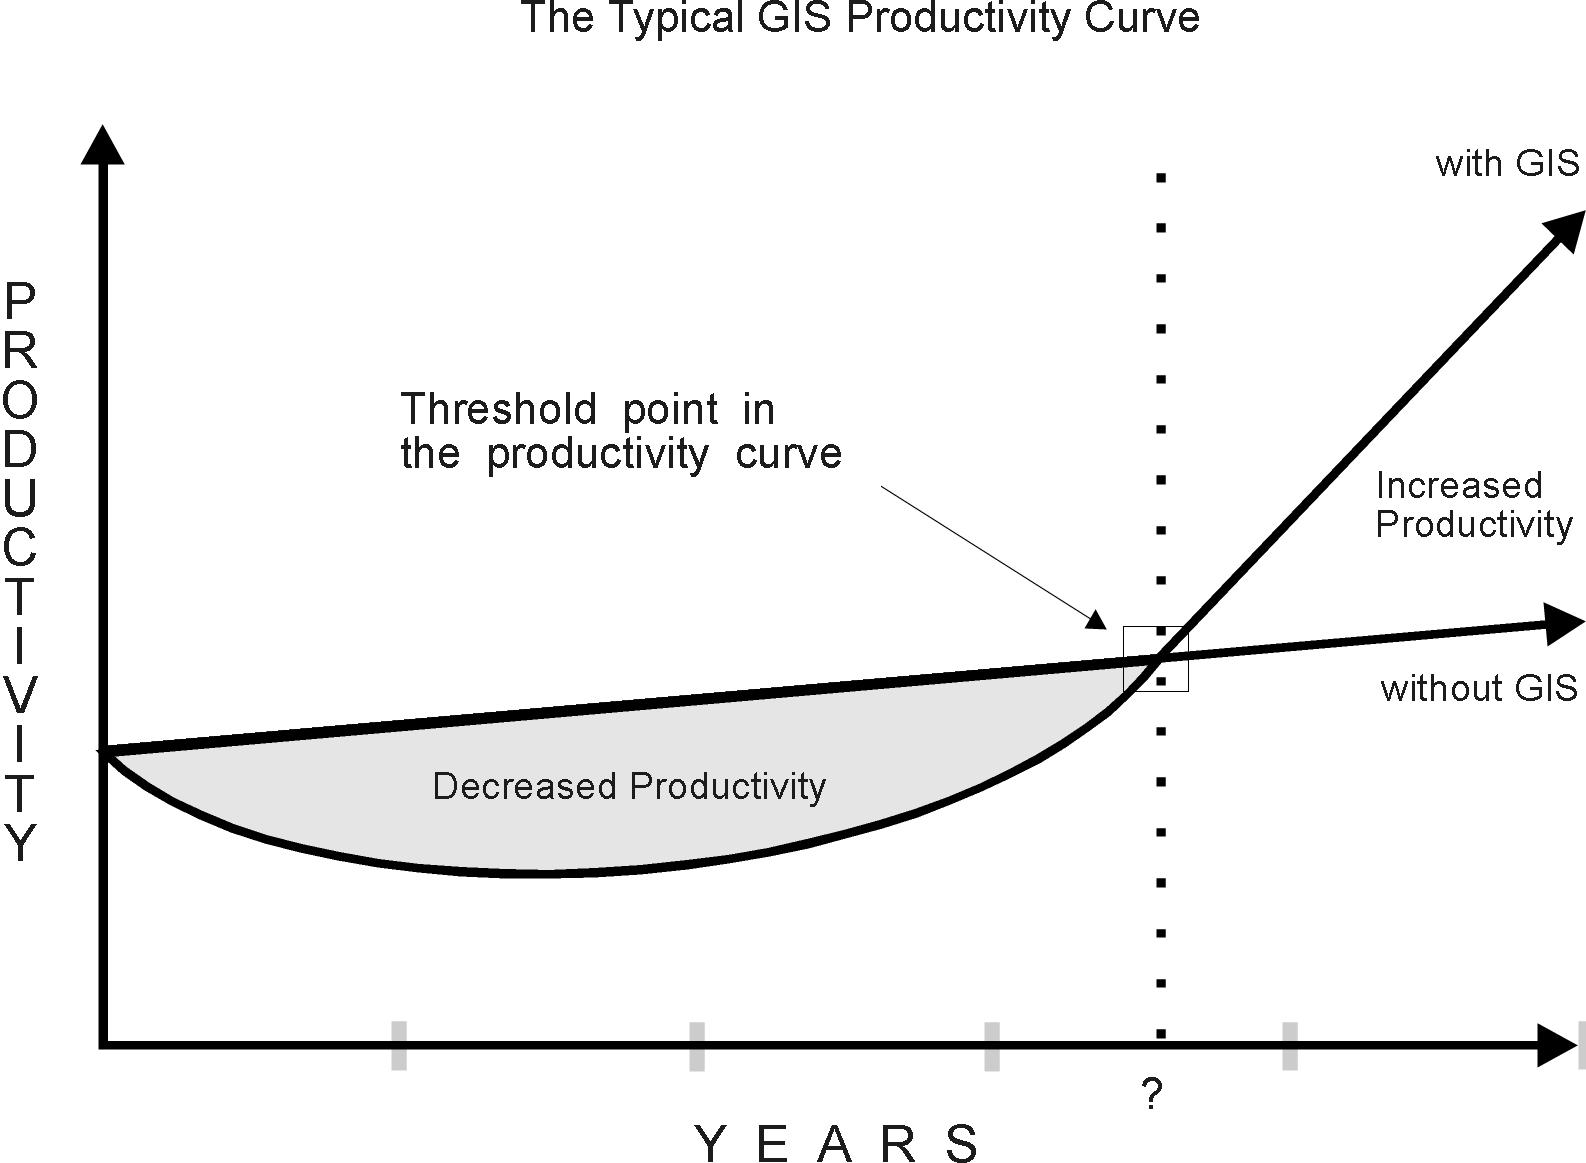 Grafico della curva di produttività per la tecnologia GIS